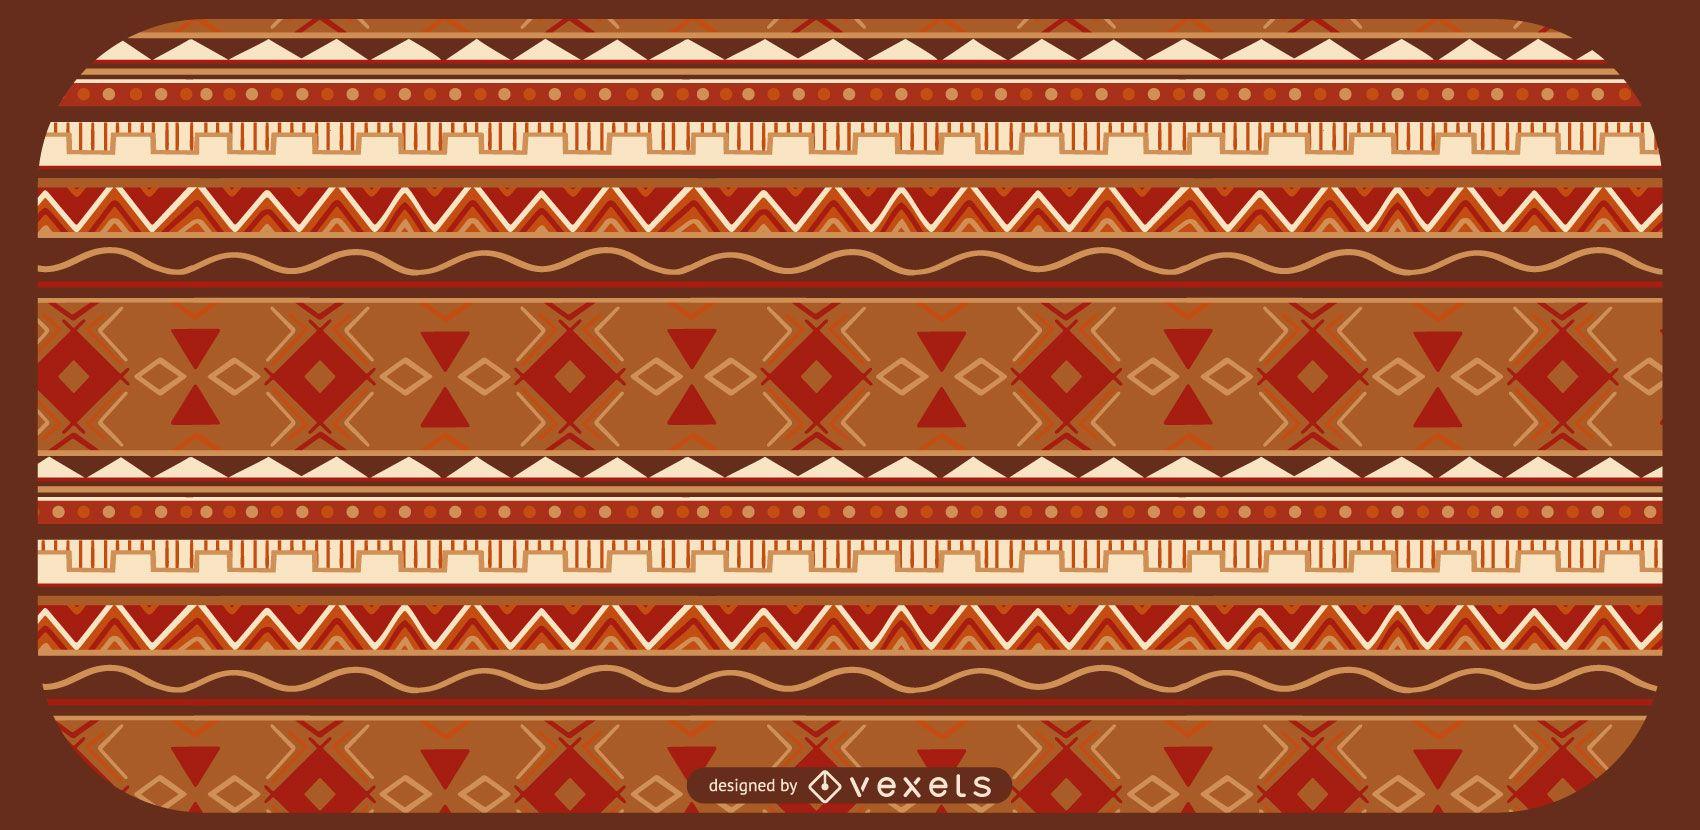 Red Aztec Pattern Design